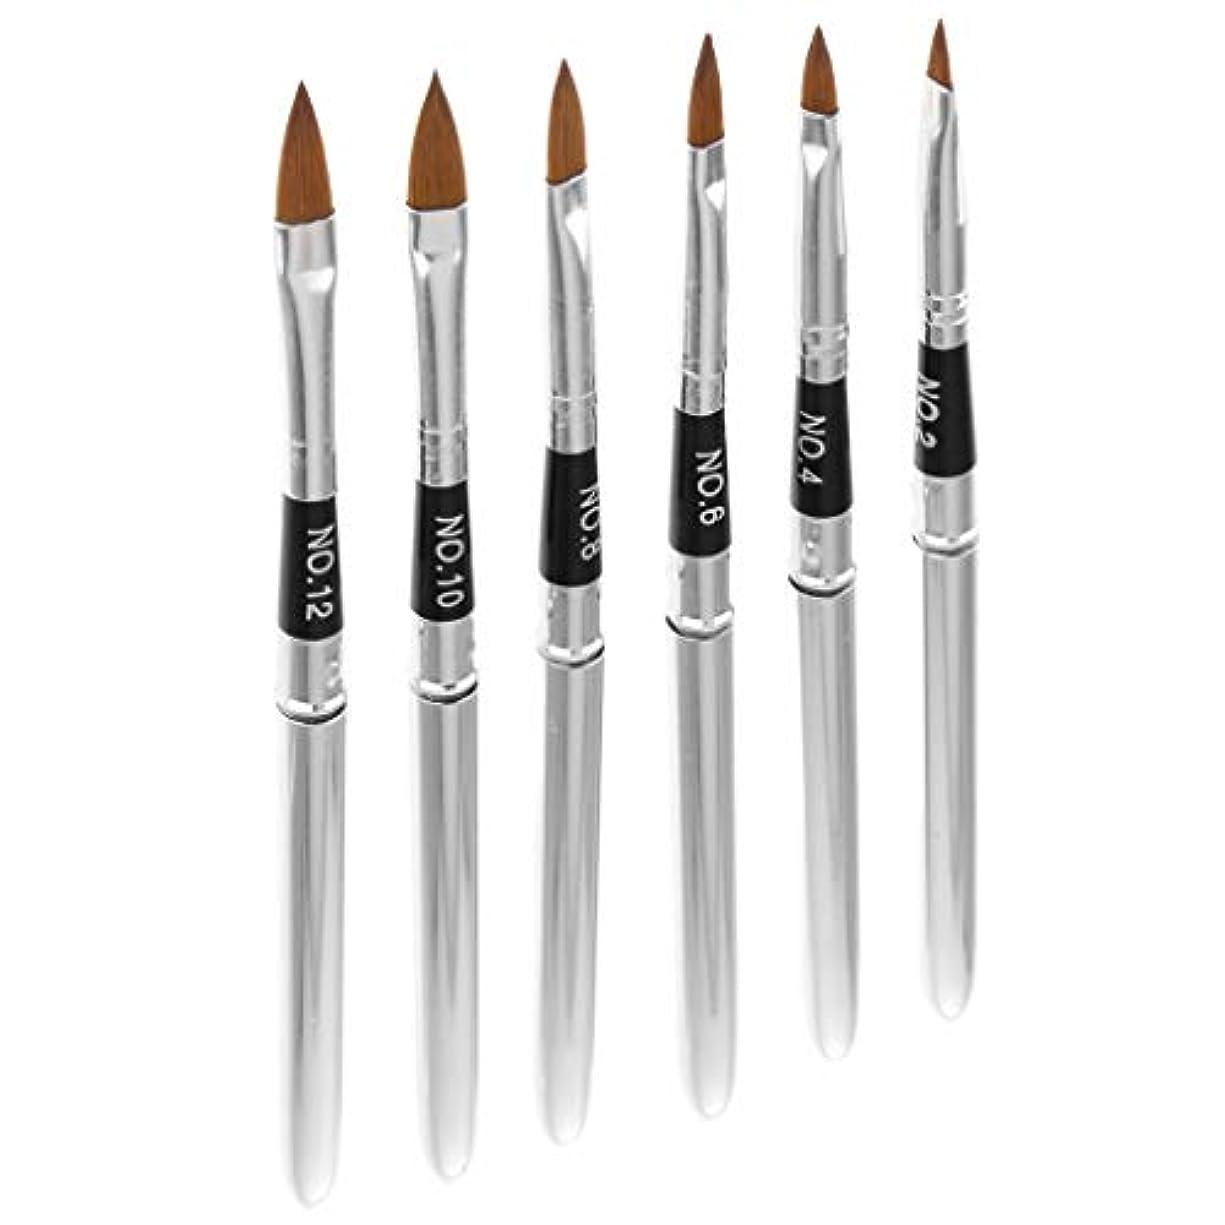 振るう代理人広告DYNWAVE ネイルアートペン ペンブラシ ネイルブラシ 3D 絵画ペン ネイルデザイン ツール 6個入り